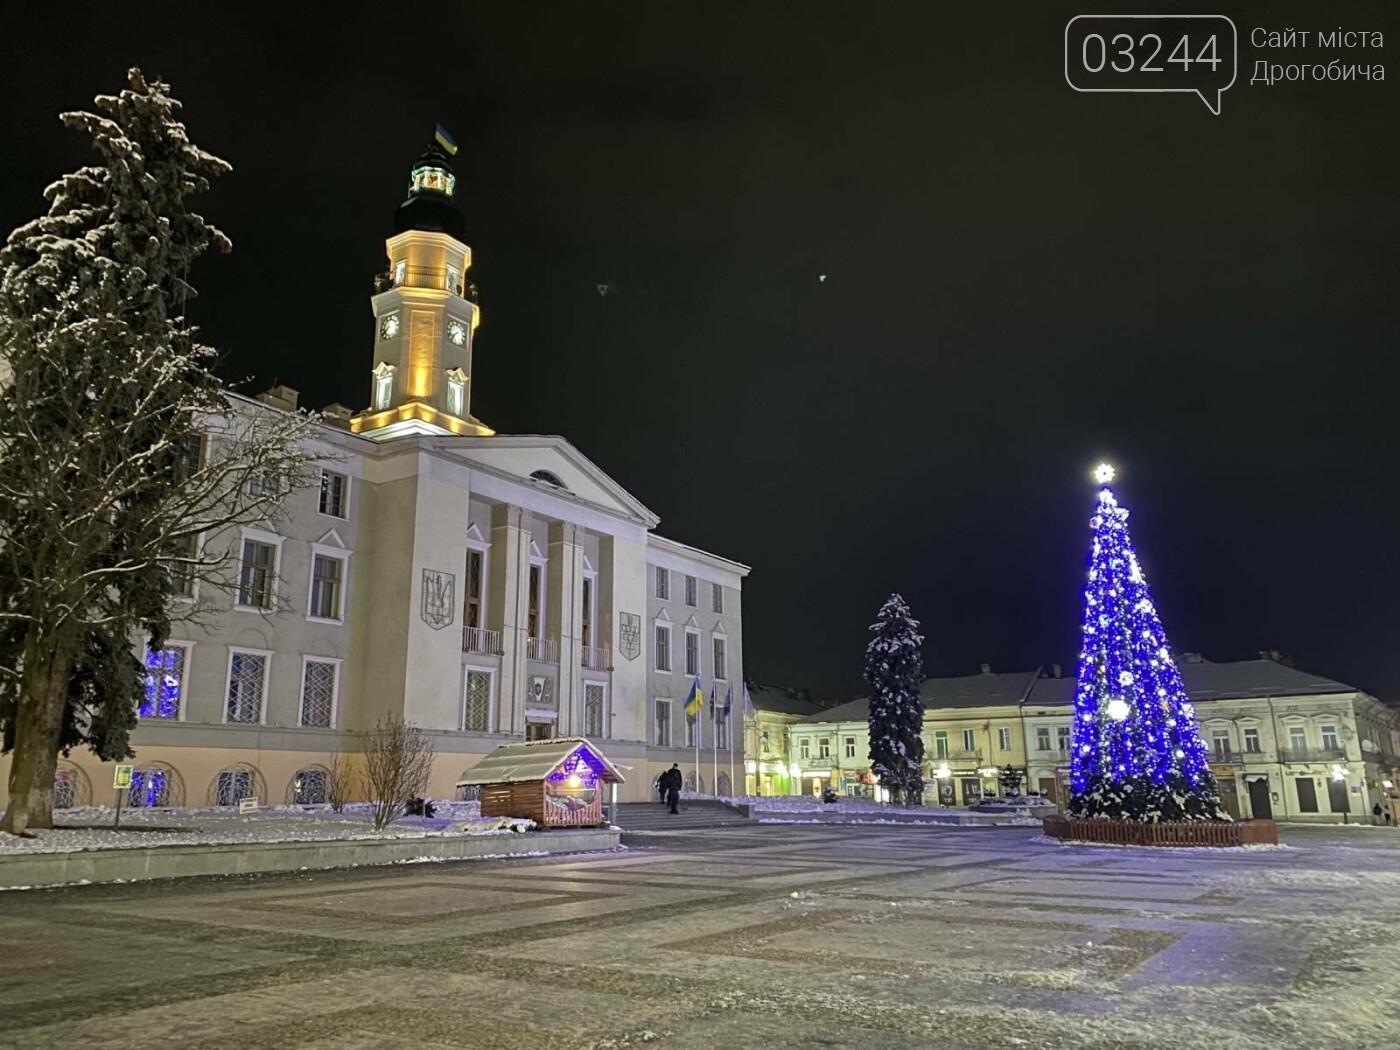 Снігова магія нічних вулиць Дрогобича, - Фоторепортаж, фото-5